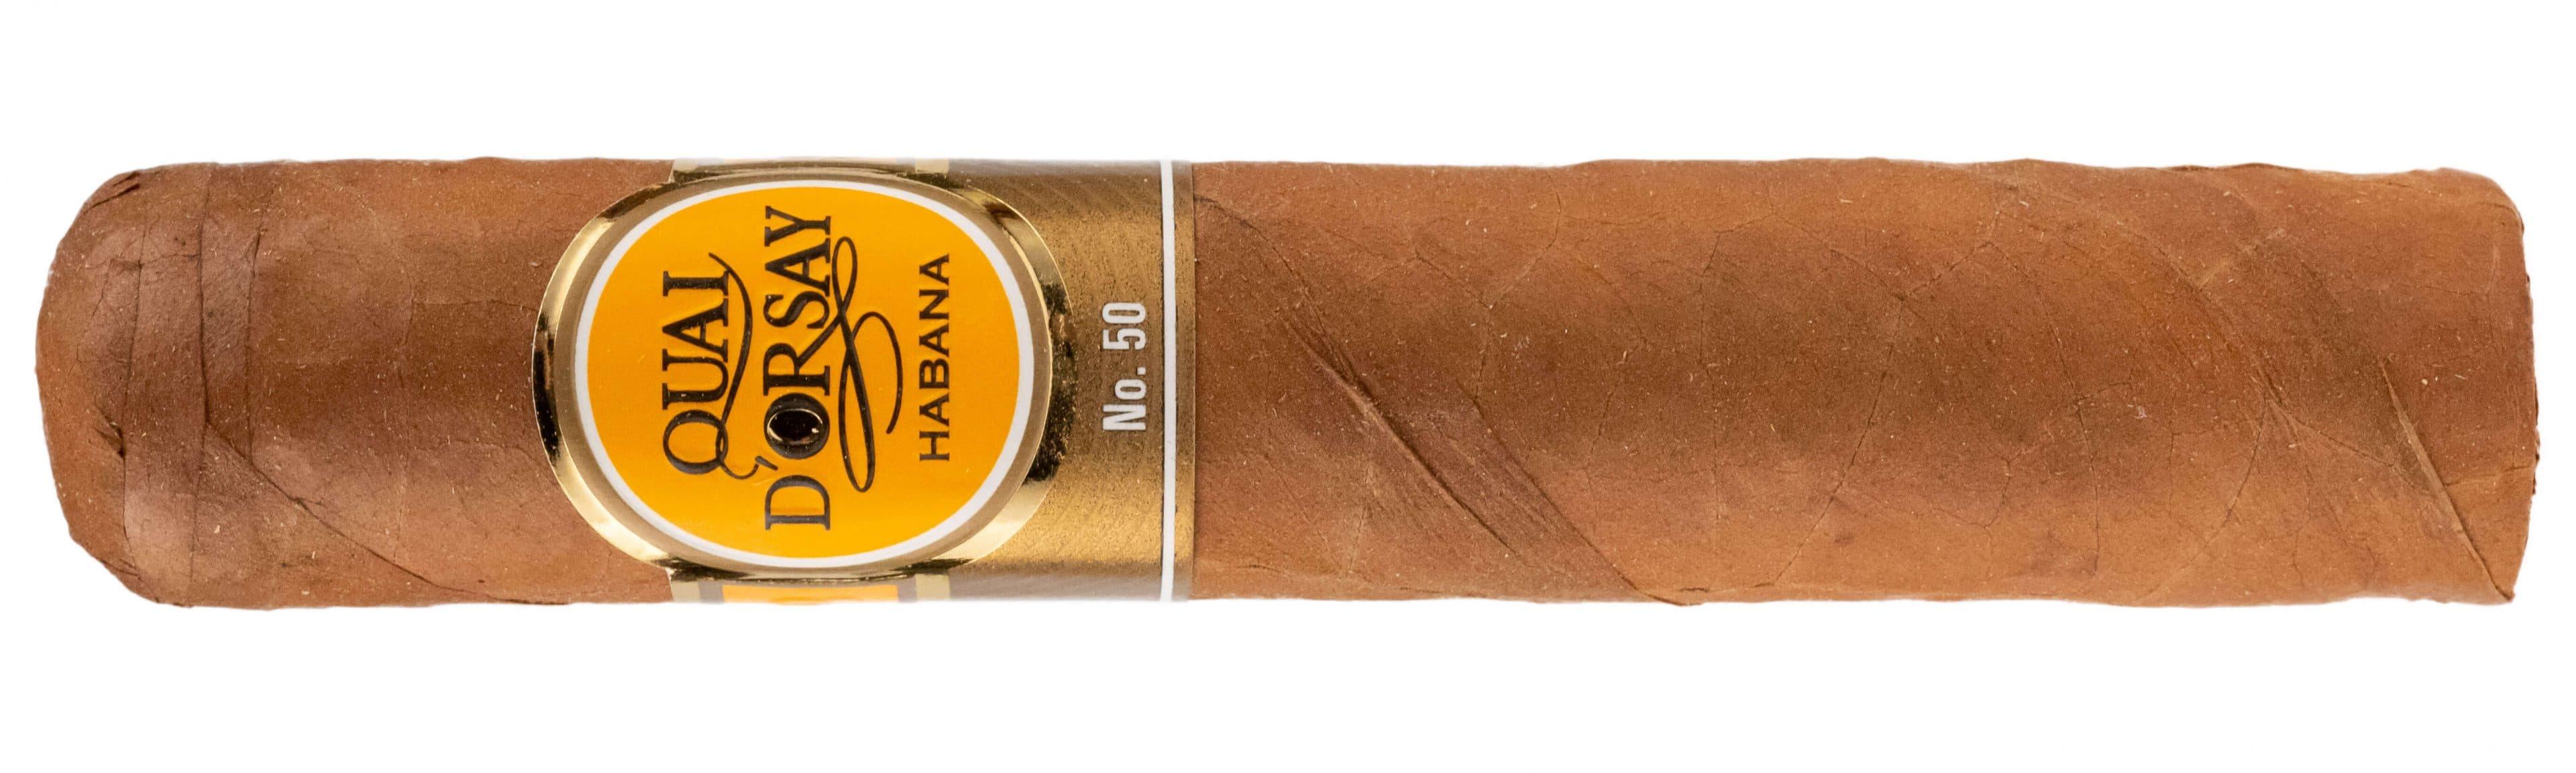 Blind Cigar Review: Quai D'Orsay   No.50